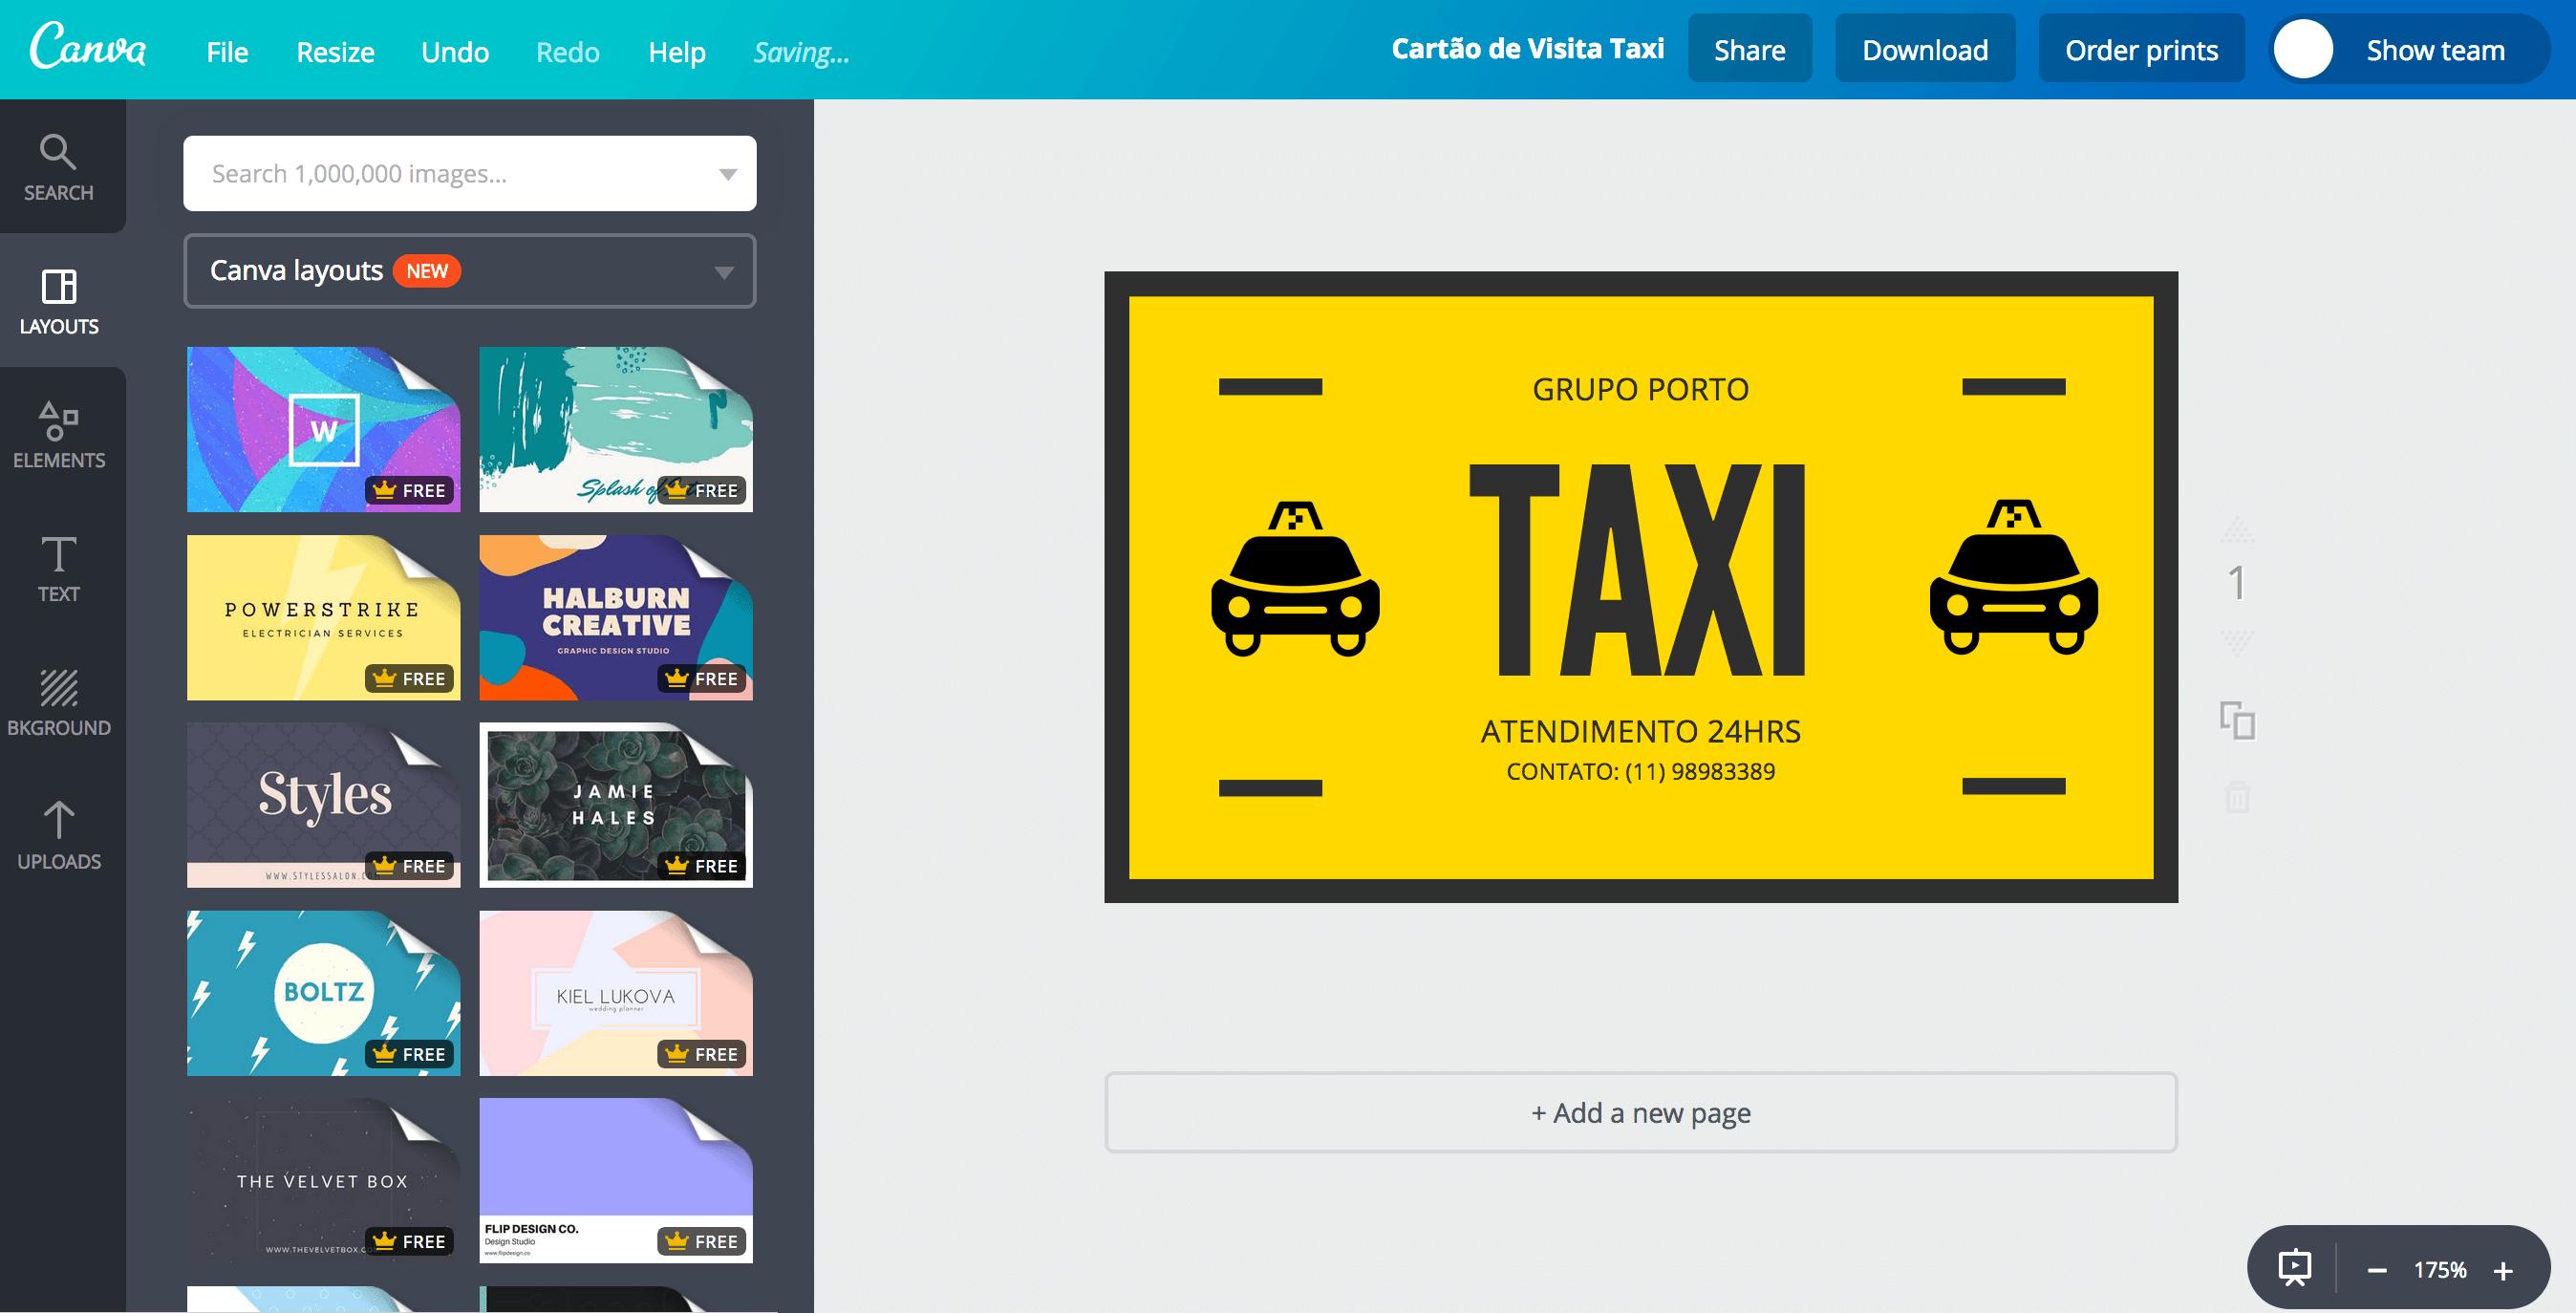 Cartão de visita para taxi (taxista)